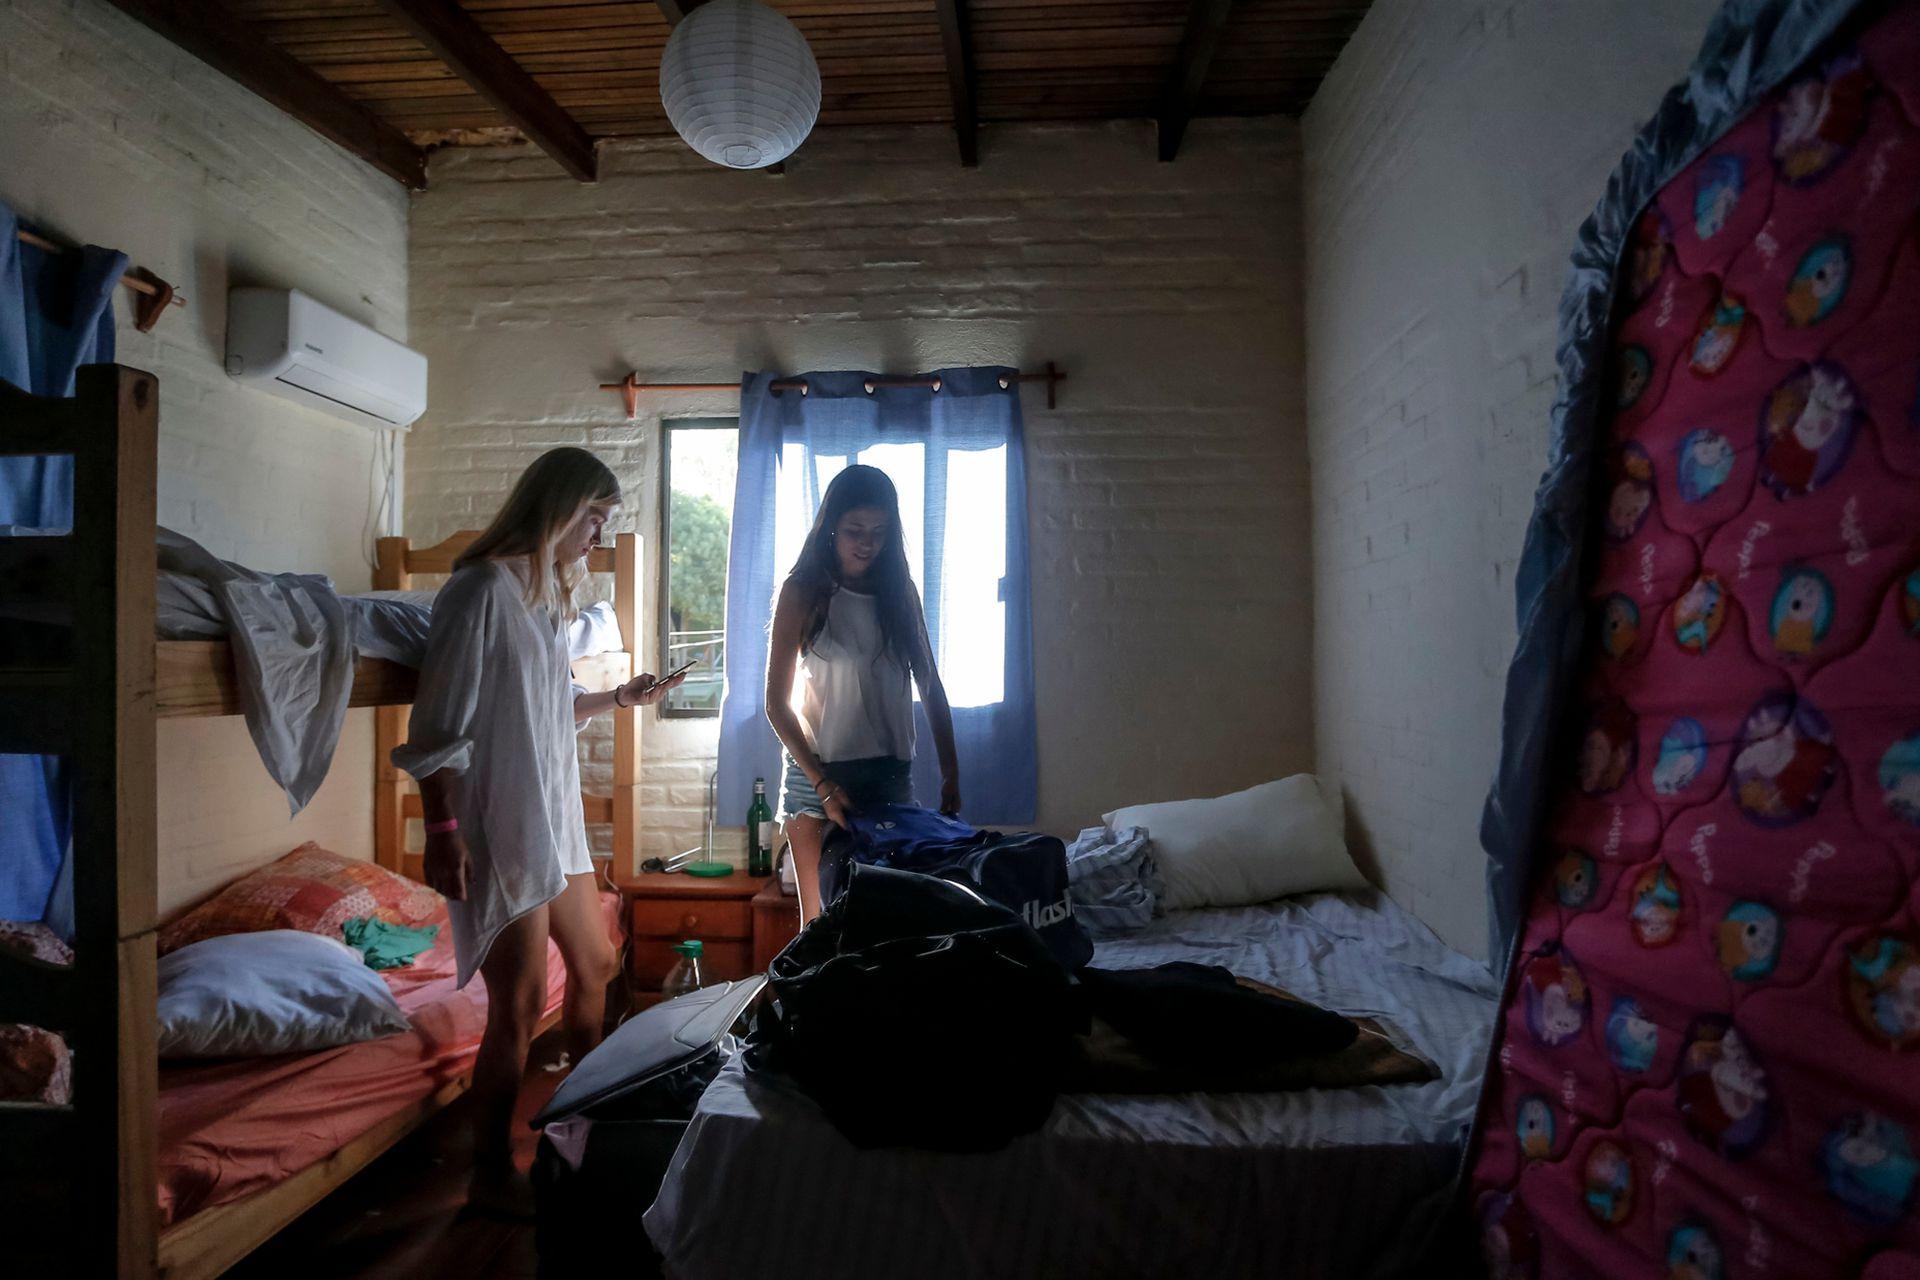 Los jóvenes se organizan para poder economizar y convivir los días de vacaciones